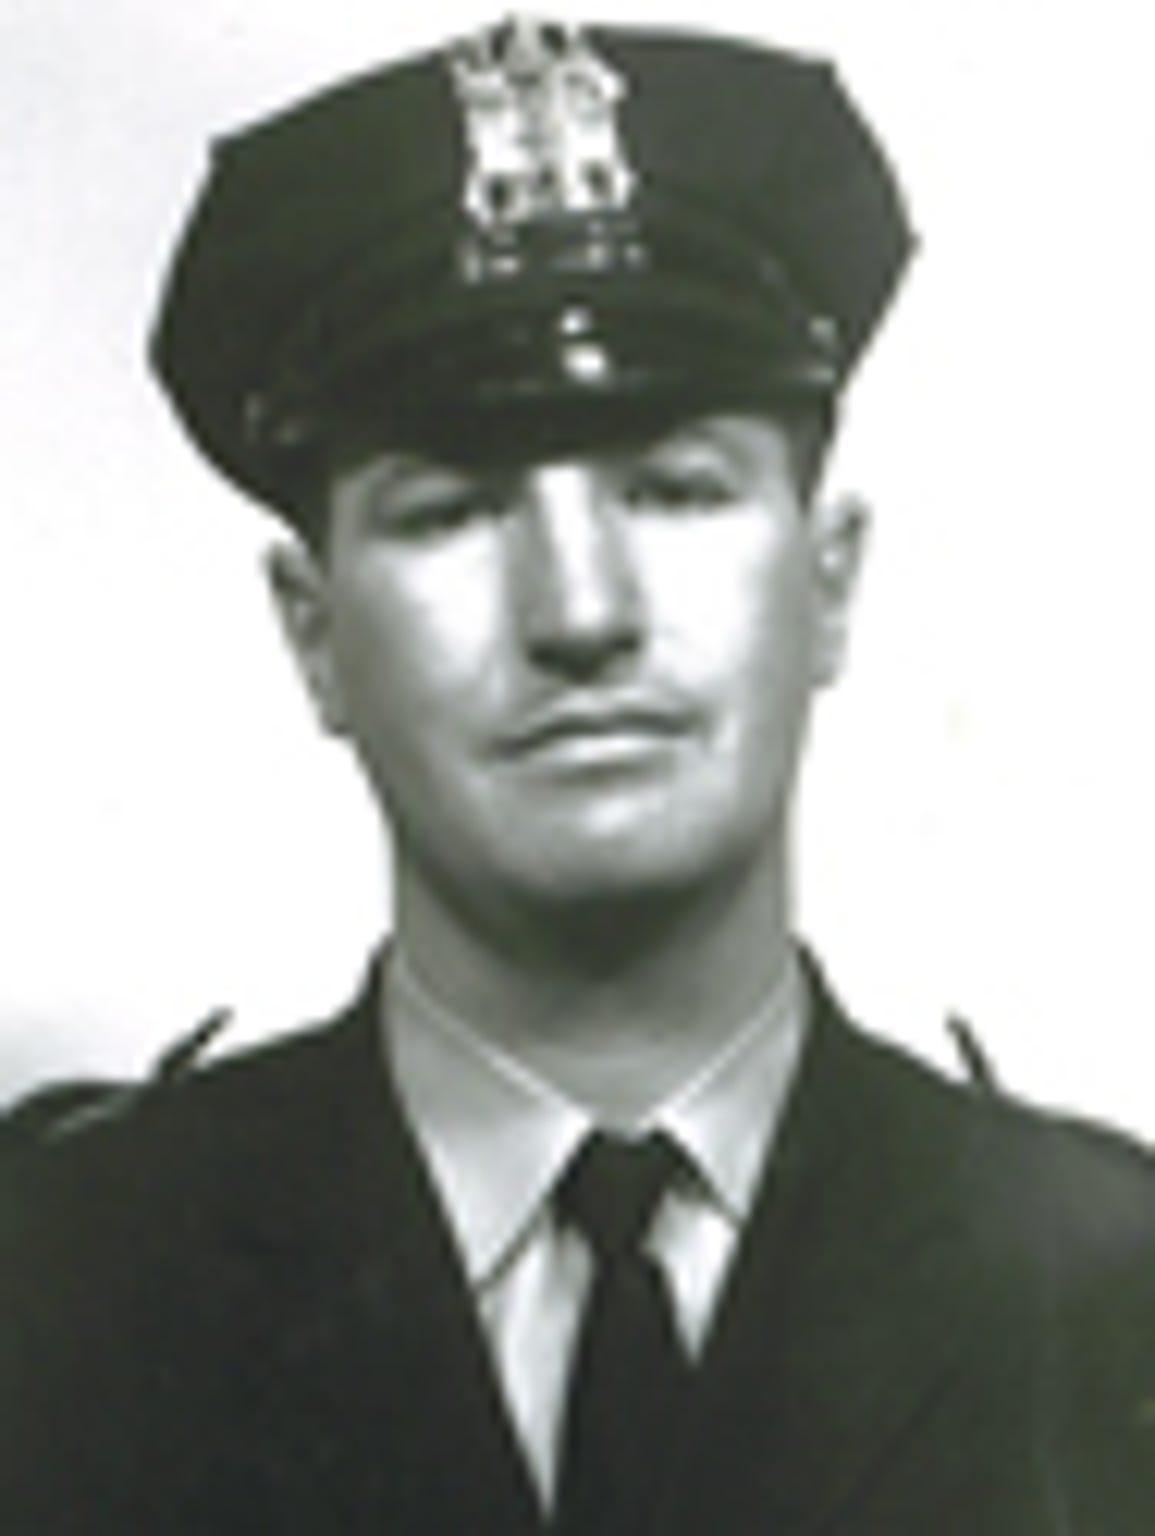 Patrolman John Gleason